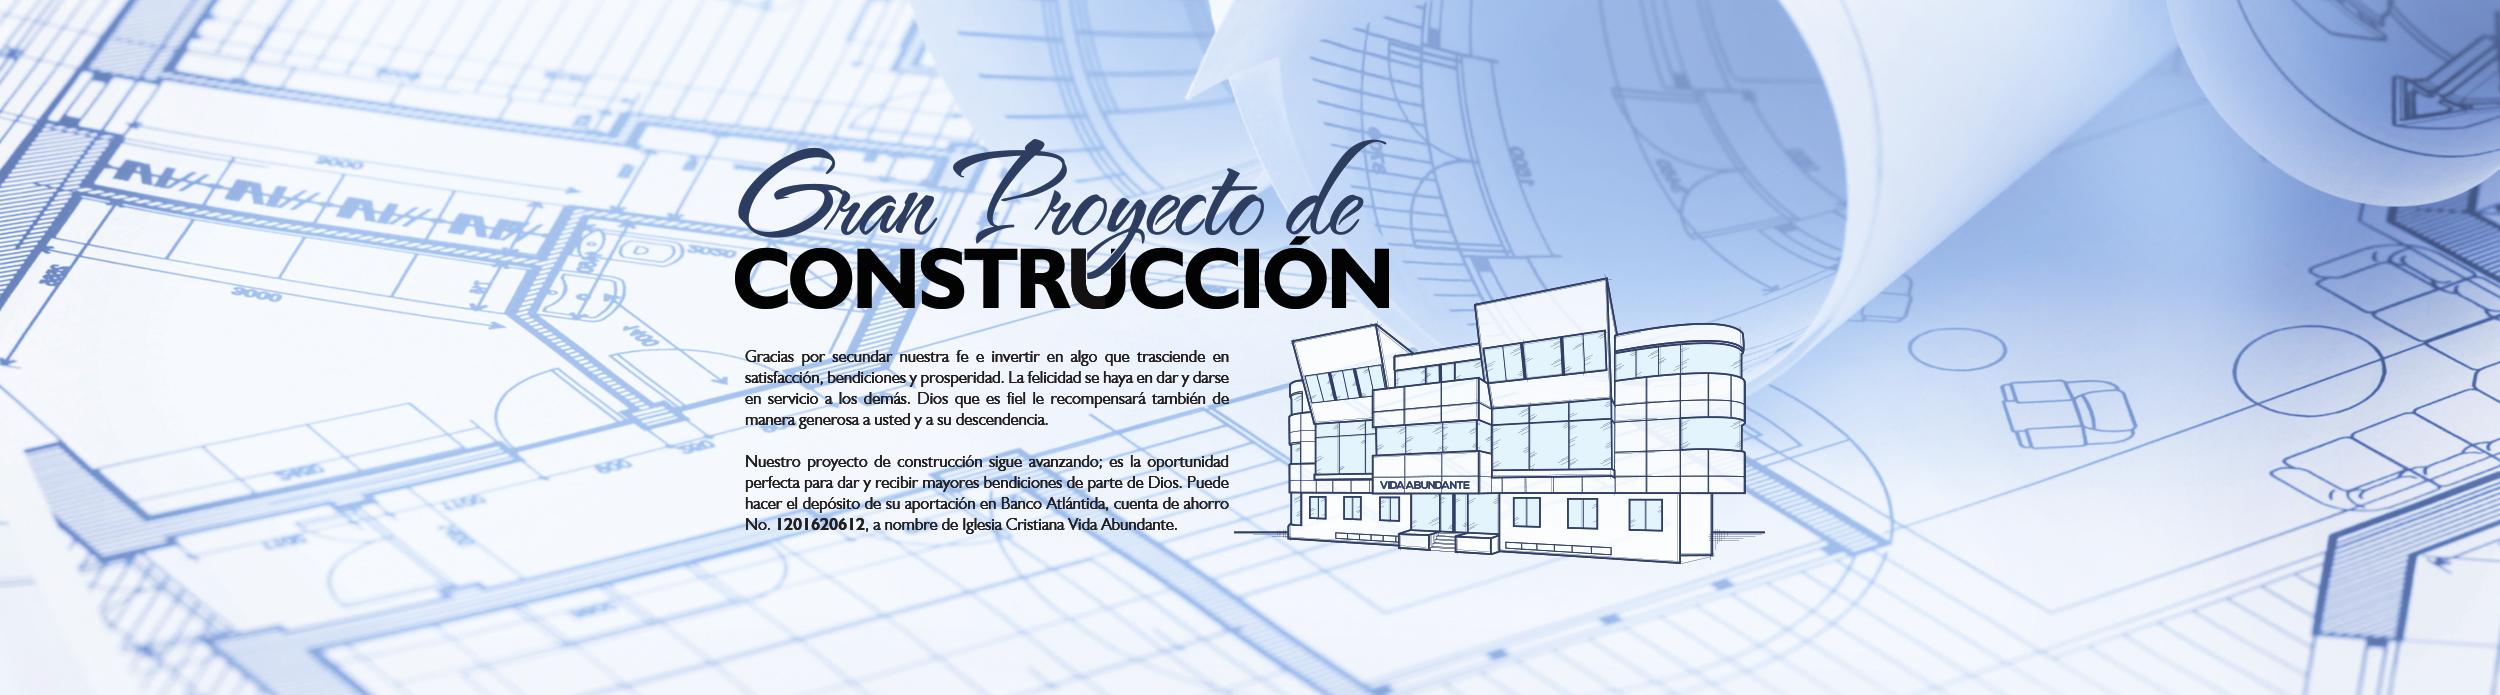 WEB_Pro Construccion